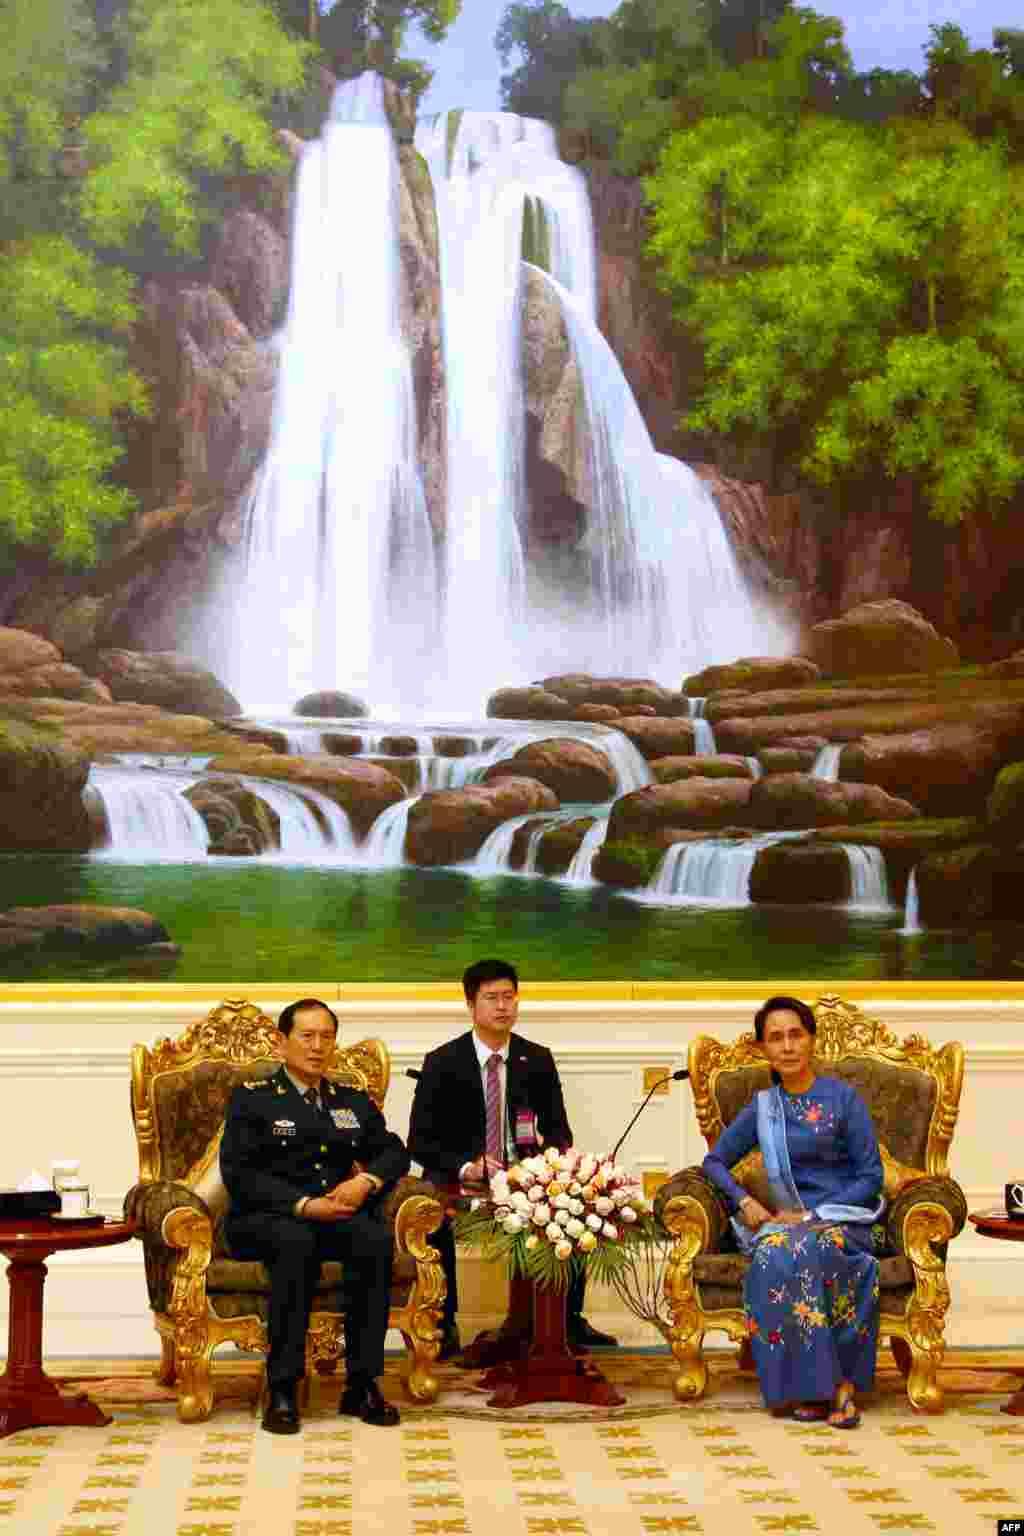 2018年6月15日,中国国防部长魏凤和在内比都会见缅甸国务资政昂山素季。 法新社的图片说明称魏凤和是中将,其实习近平之外的中国中央军委成员都是上将,1982年11月以来的中国国防部长也都是上将。中国国防部长是军人,而美国等不少西方国家的国防部长是文官。